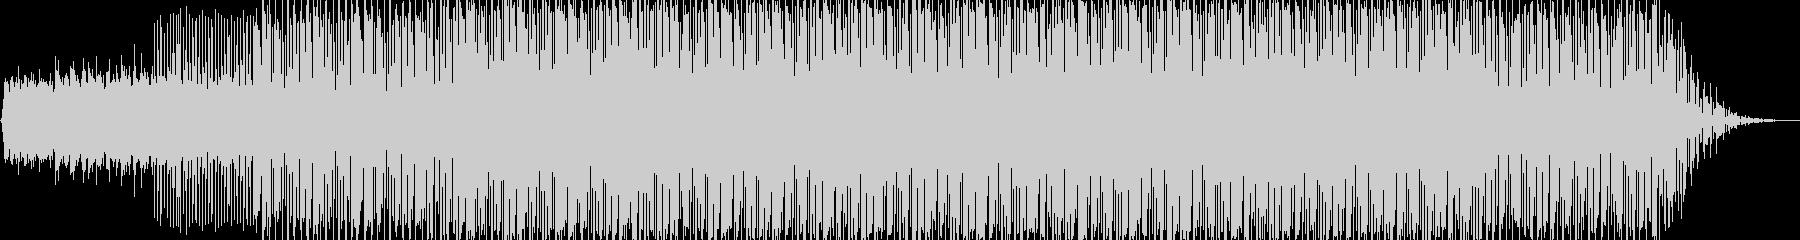 アンビエントなエレクトロハウスの未再生の波形